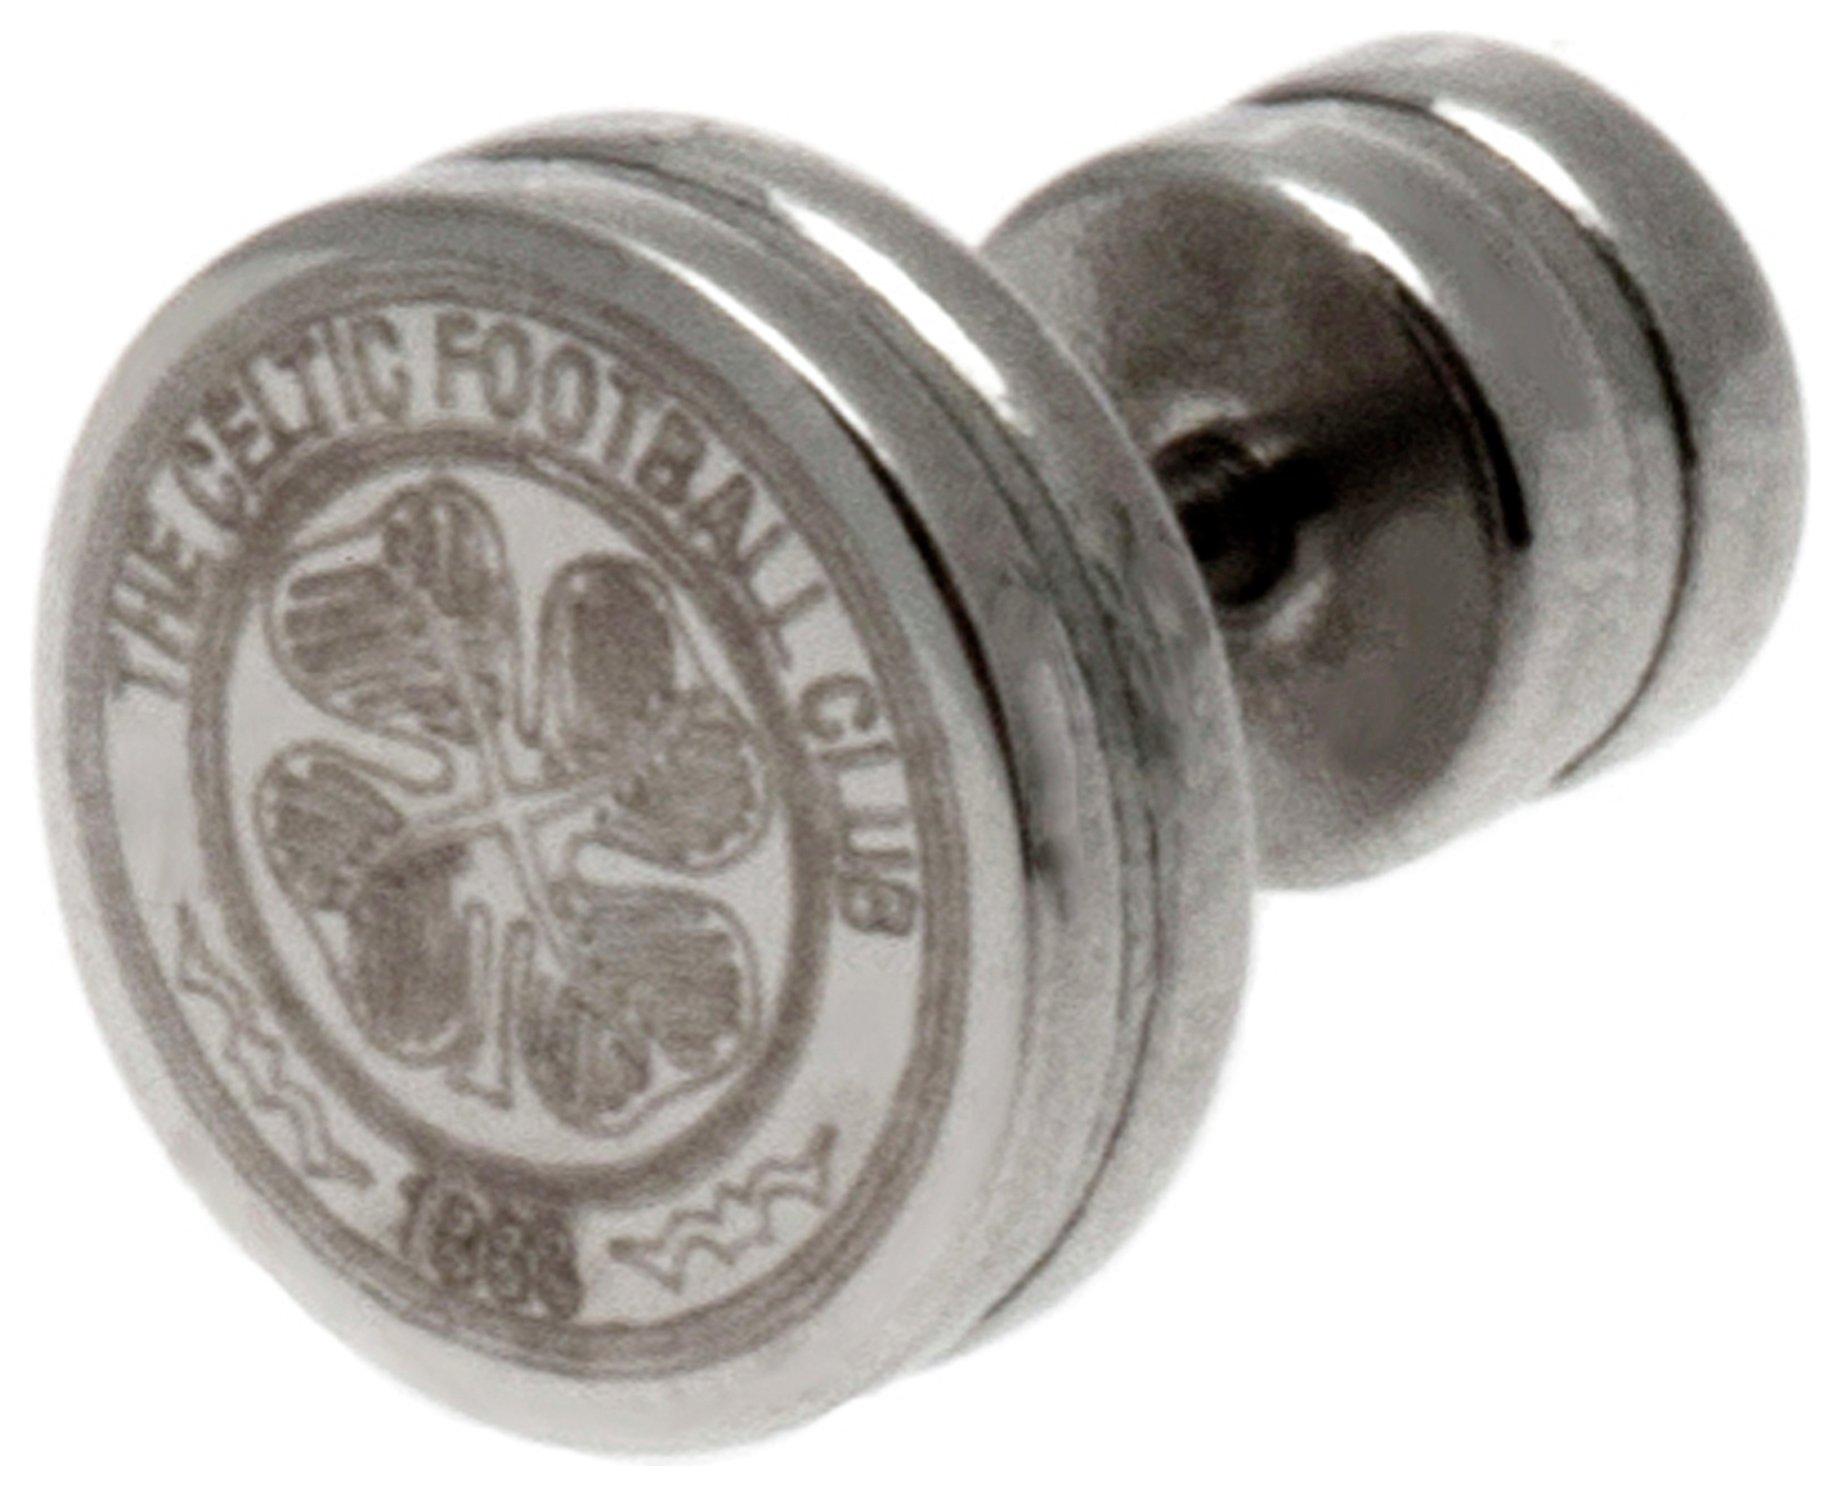 Stainless Steel Celtic Crest Stud Earring.